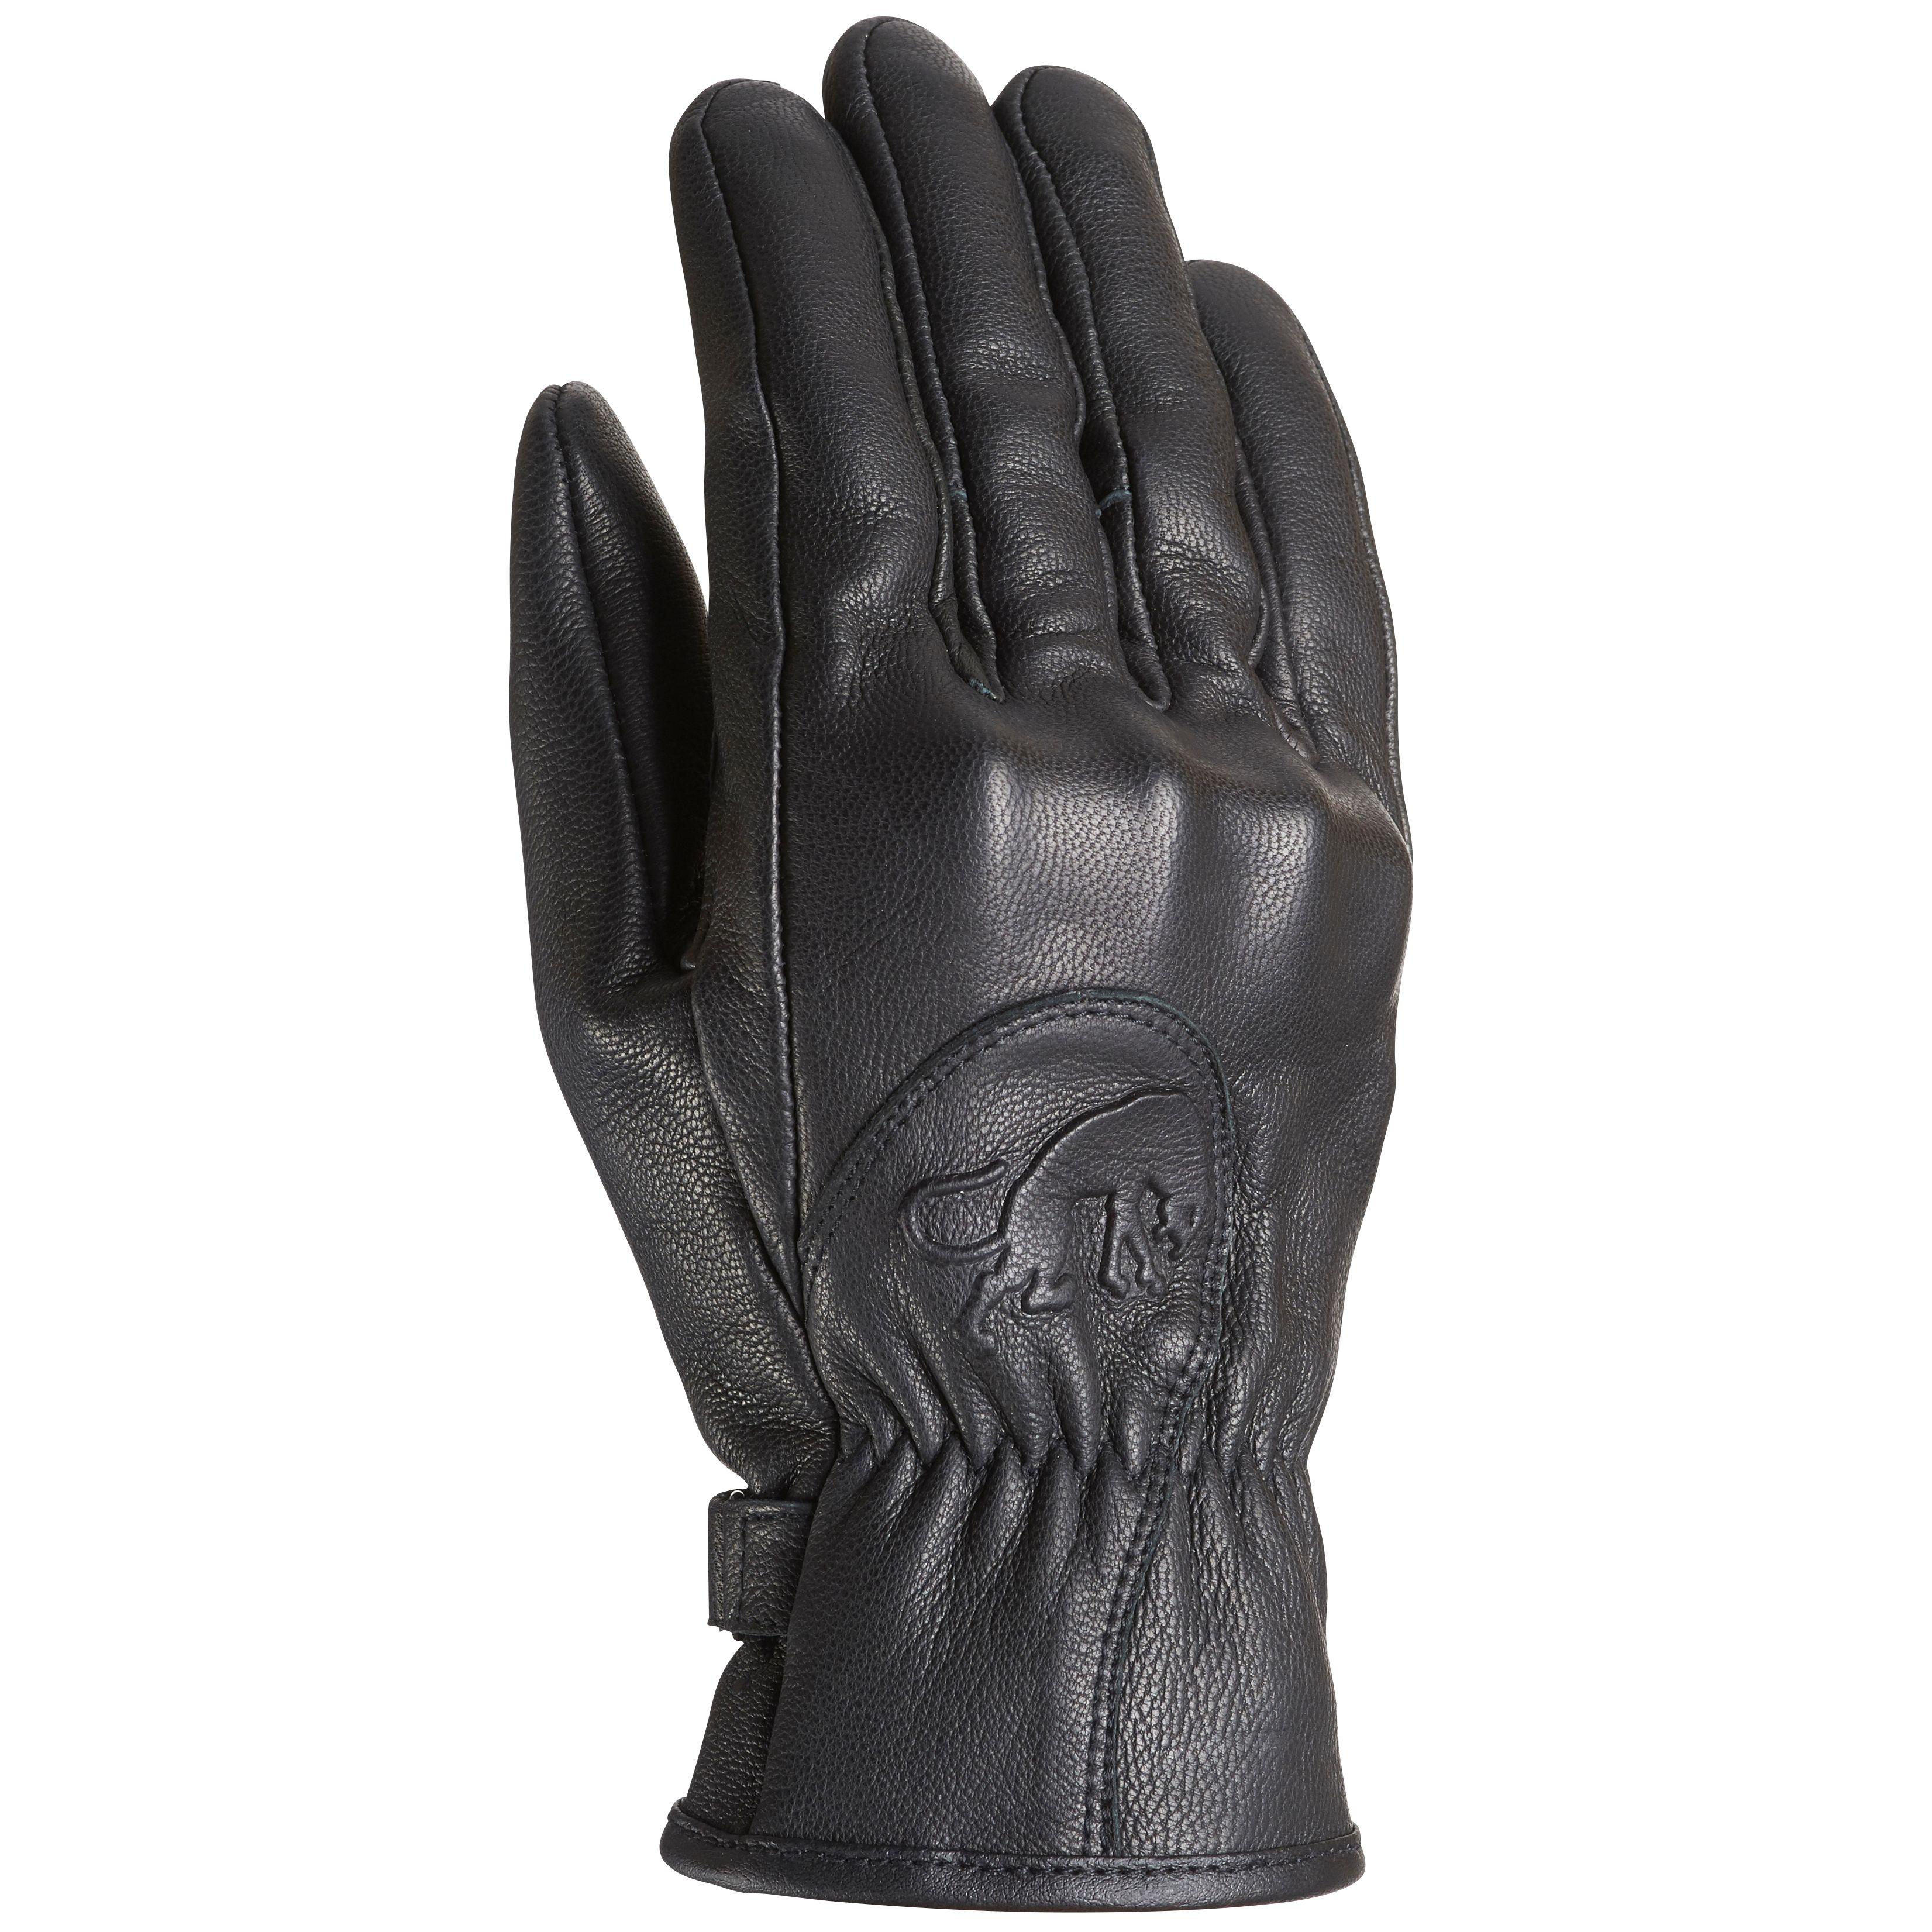 gants furygan gr 2 gants moto. Black Bedroom Furniture Sets. Home Design Ideas